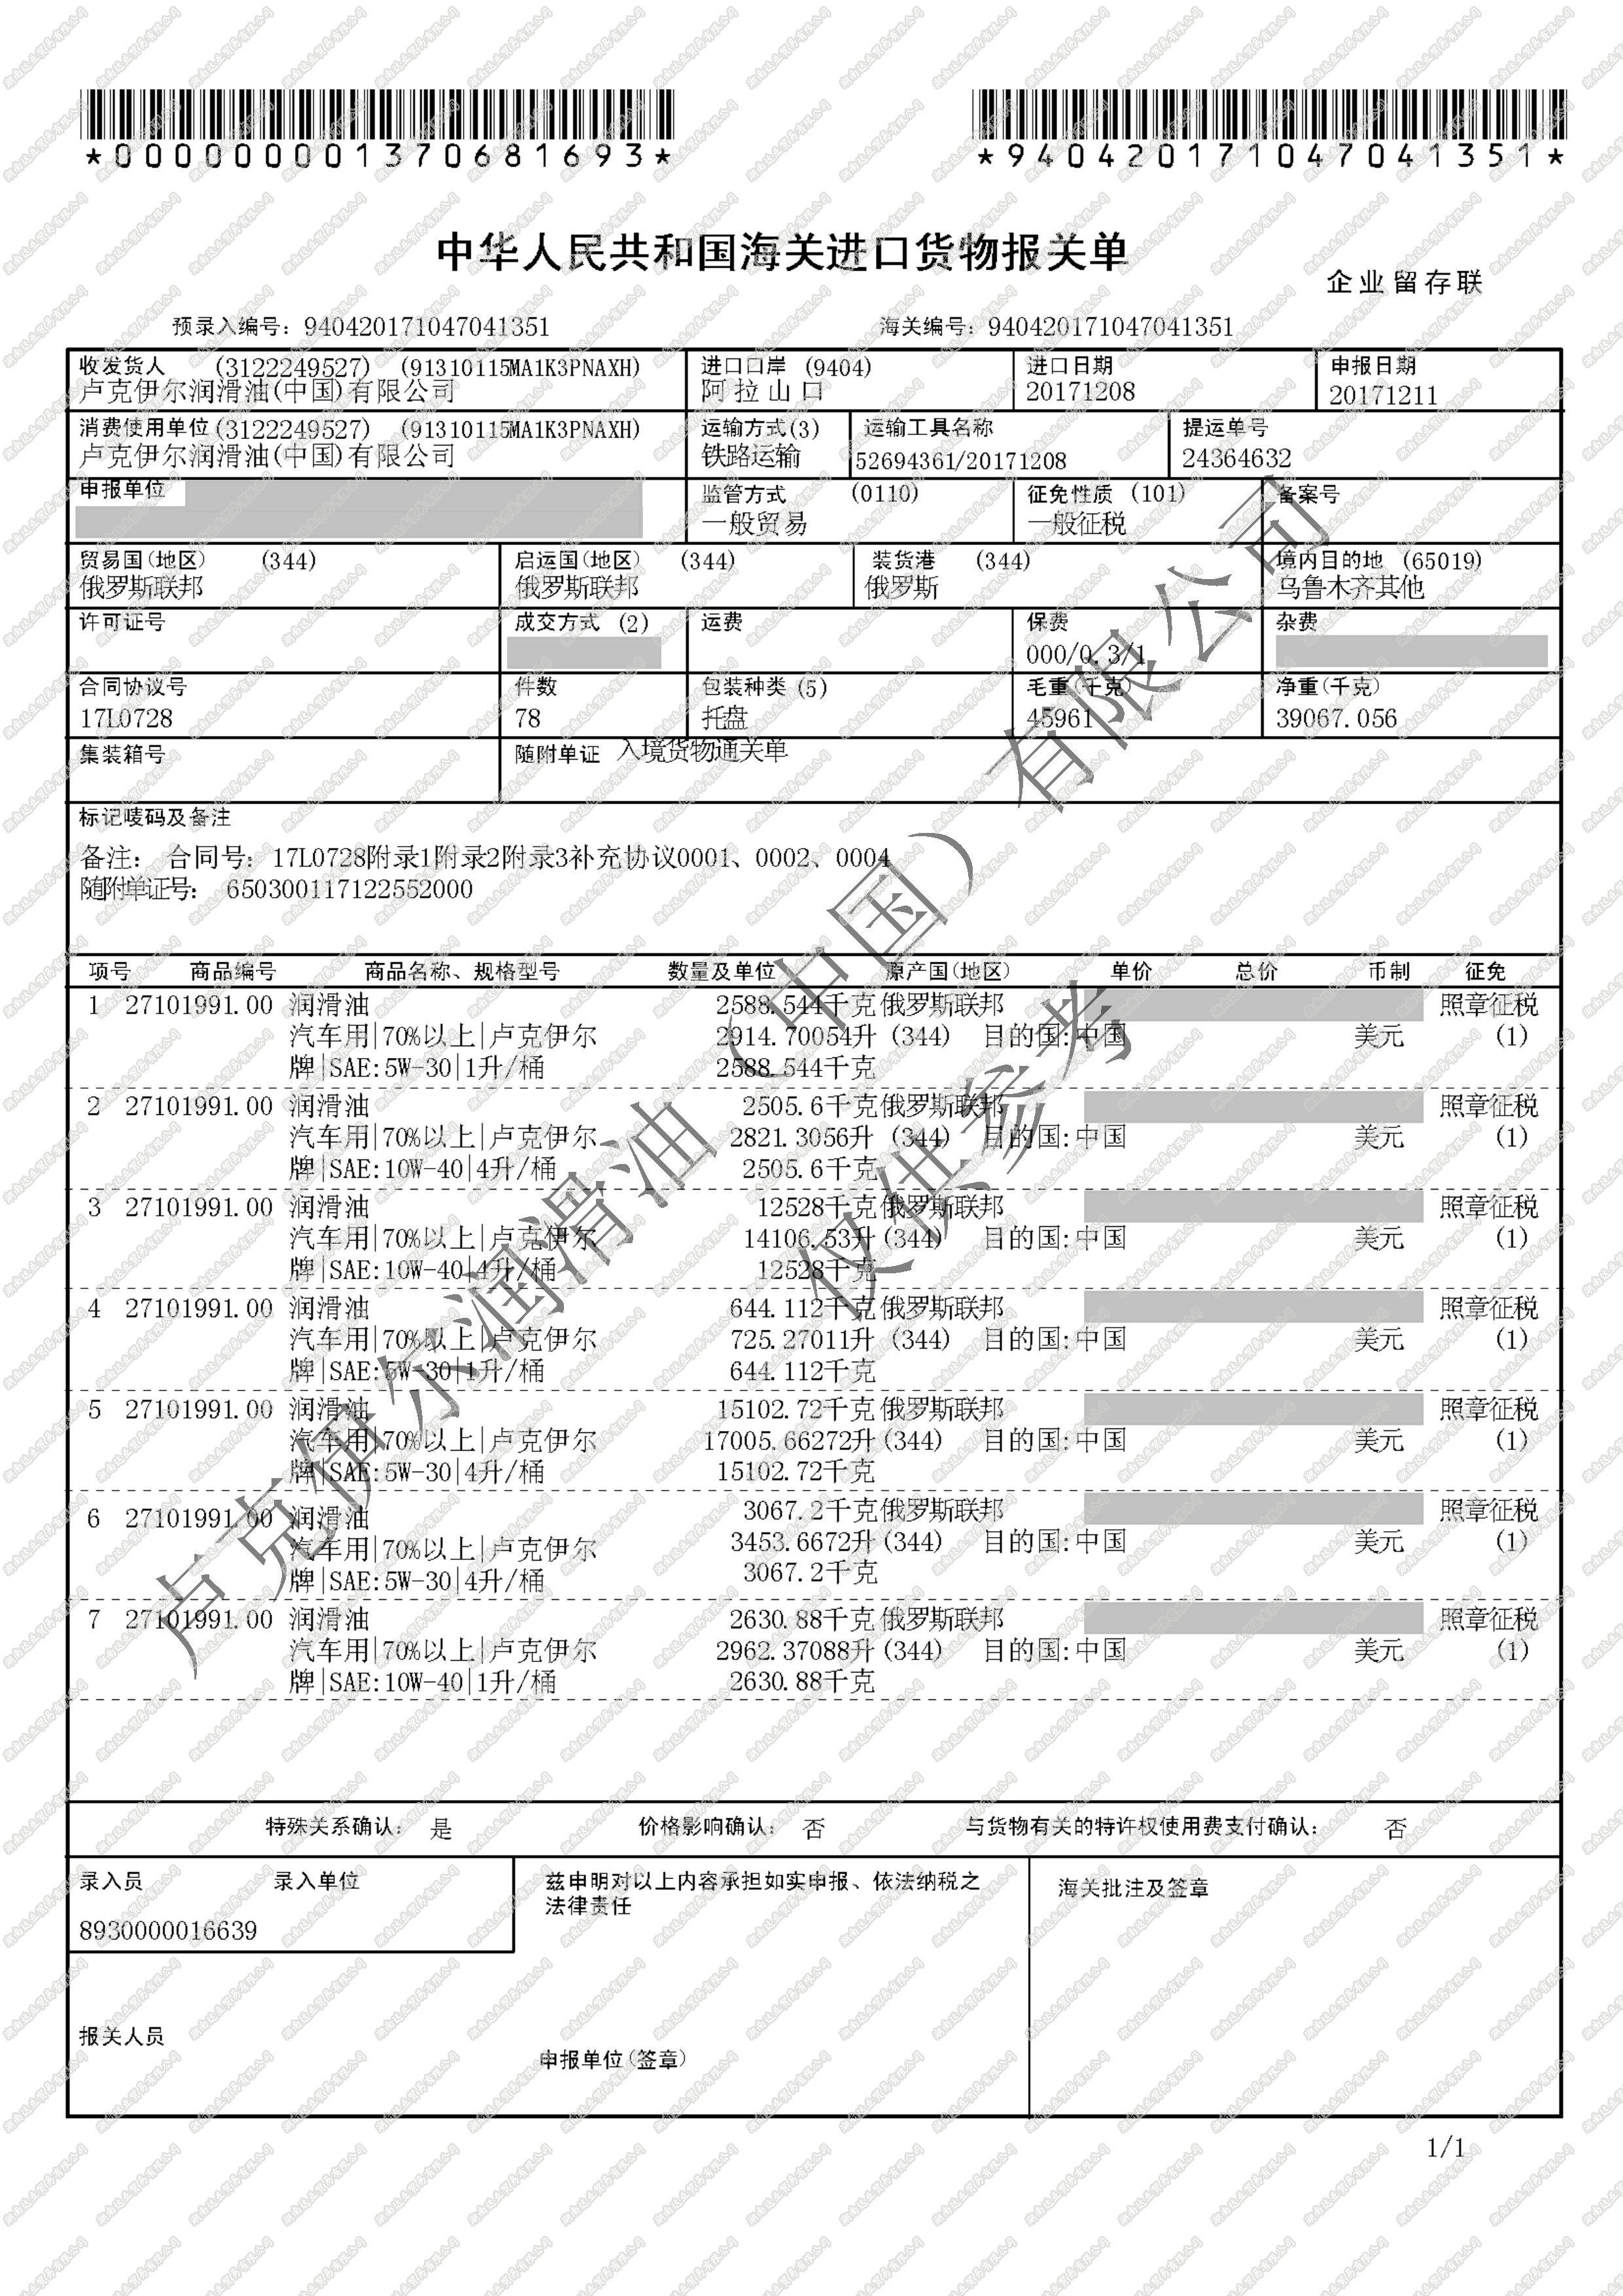 52694361_报关单_商检报告-带水印-1